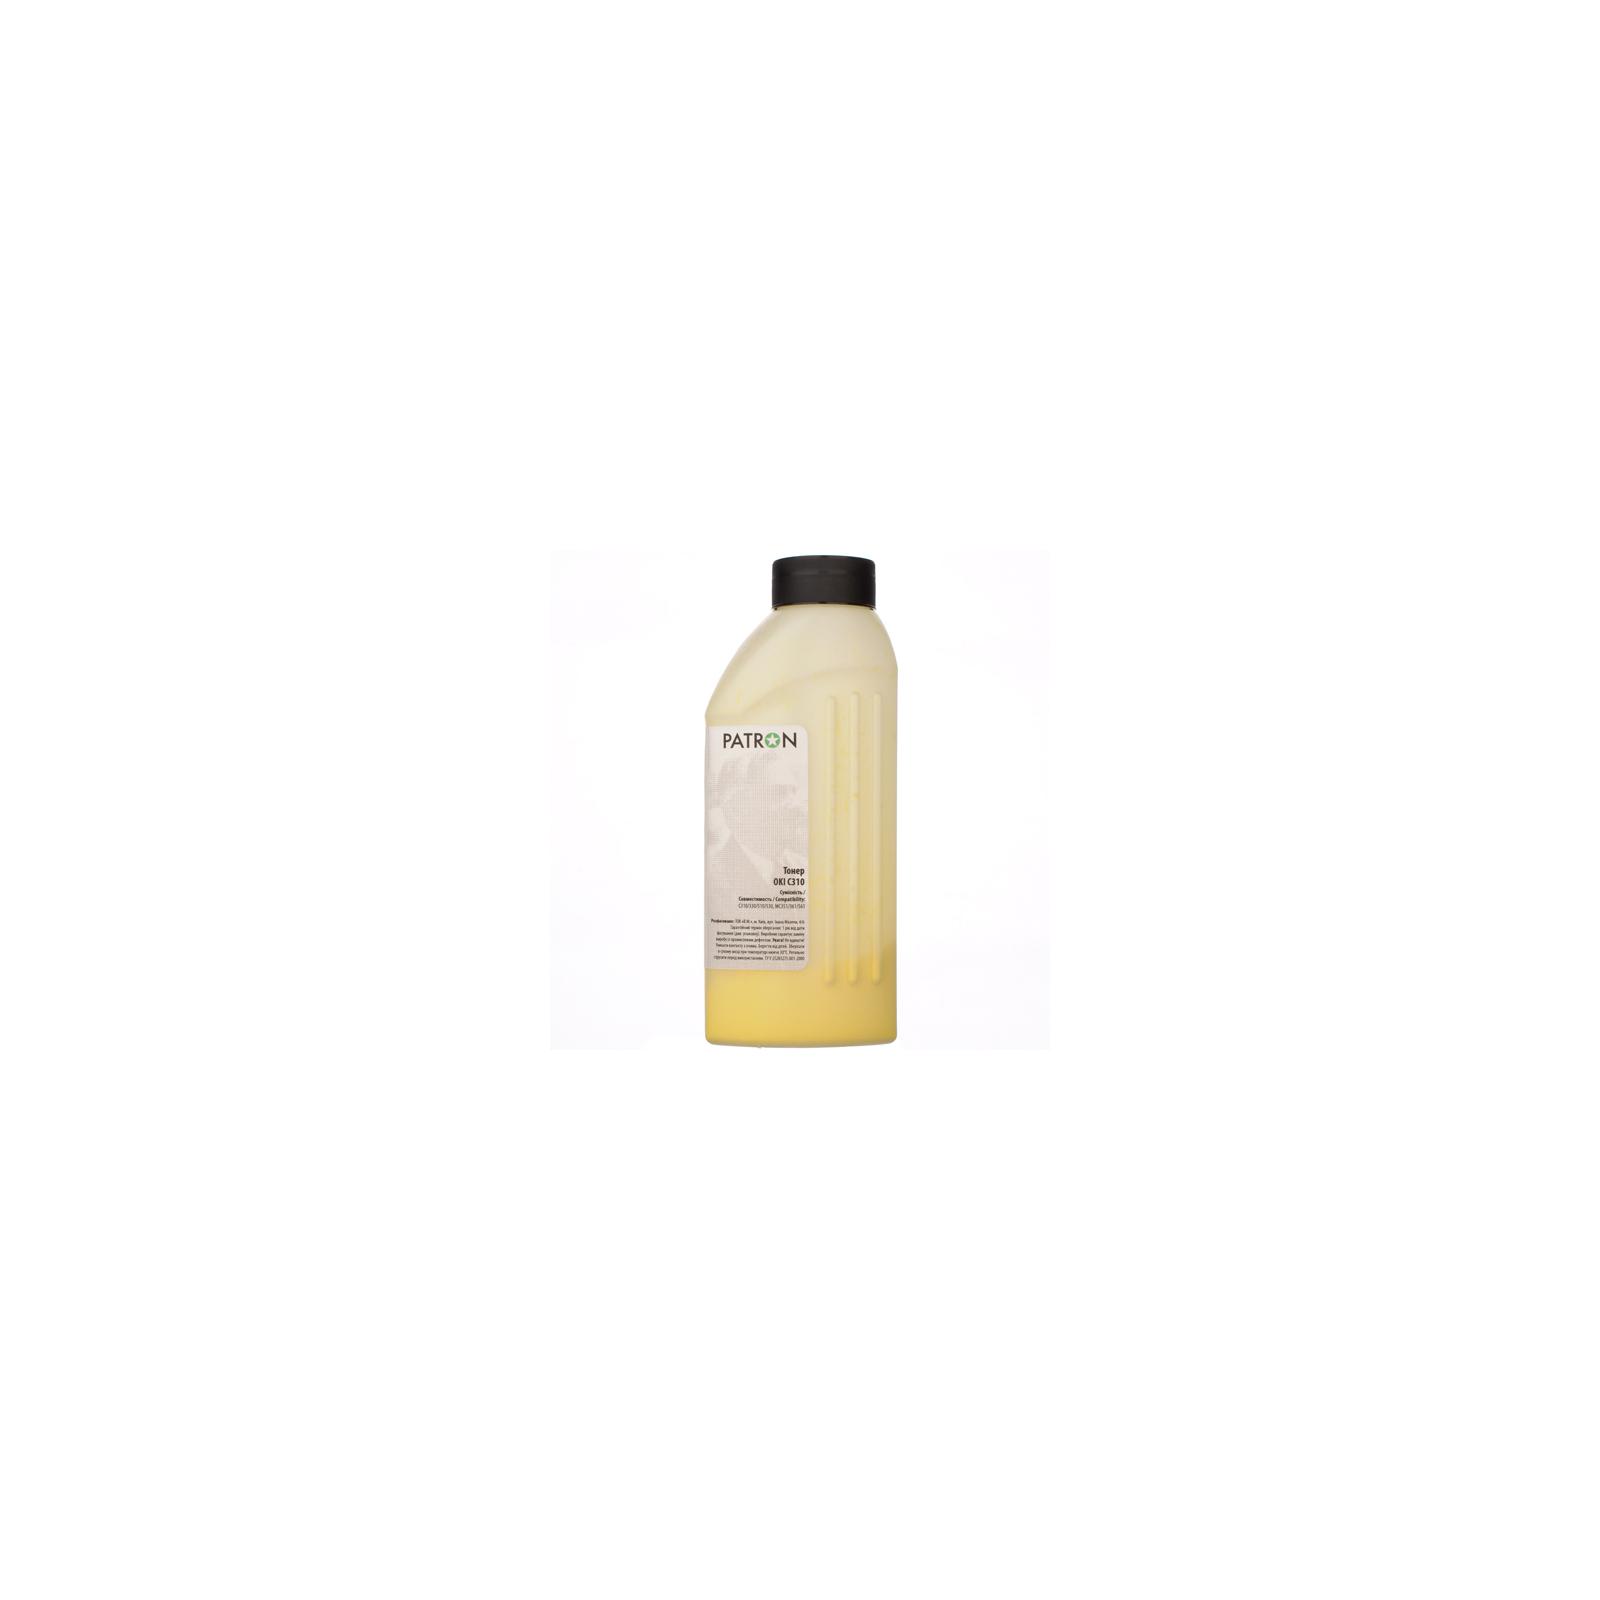 Тонер PATRON OKI C310 YELLOW 50г (T-PN-OC310-Y-050) изображение 2